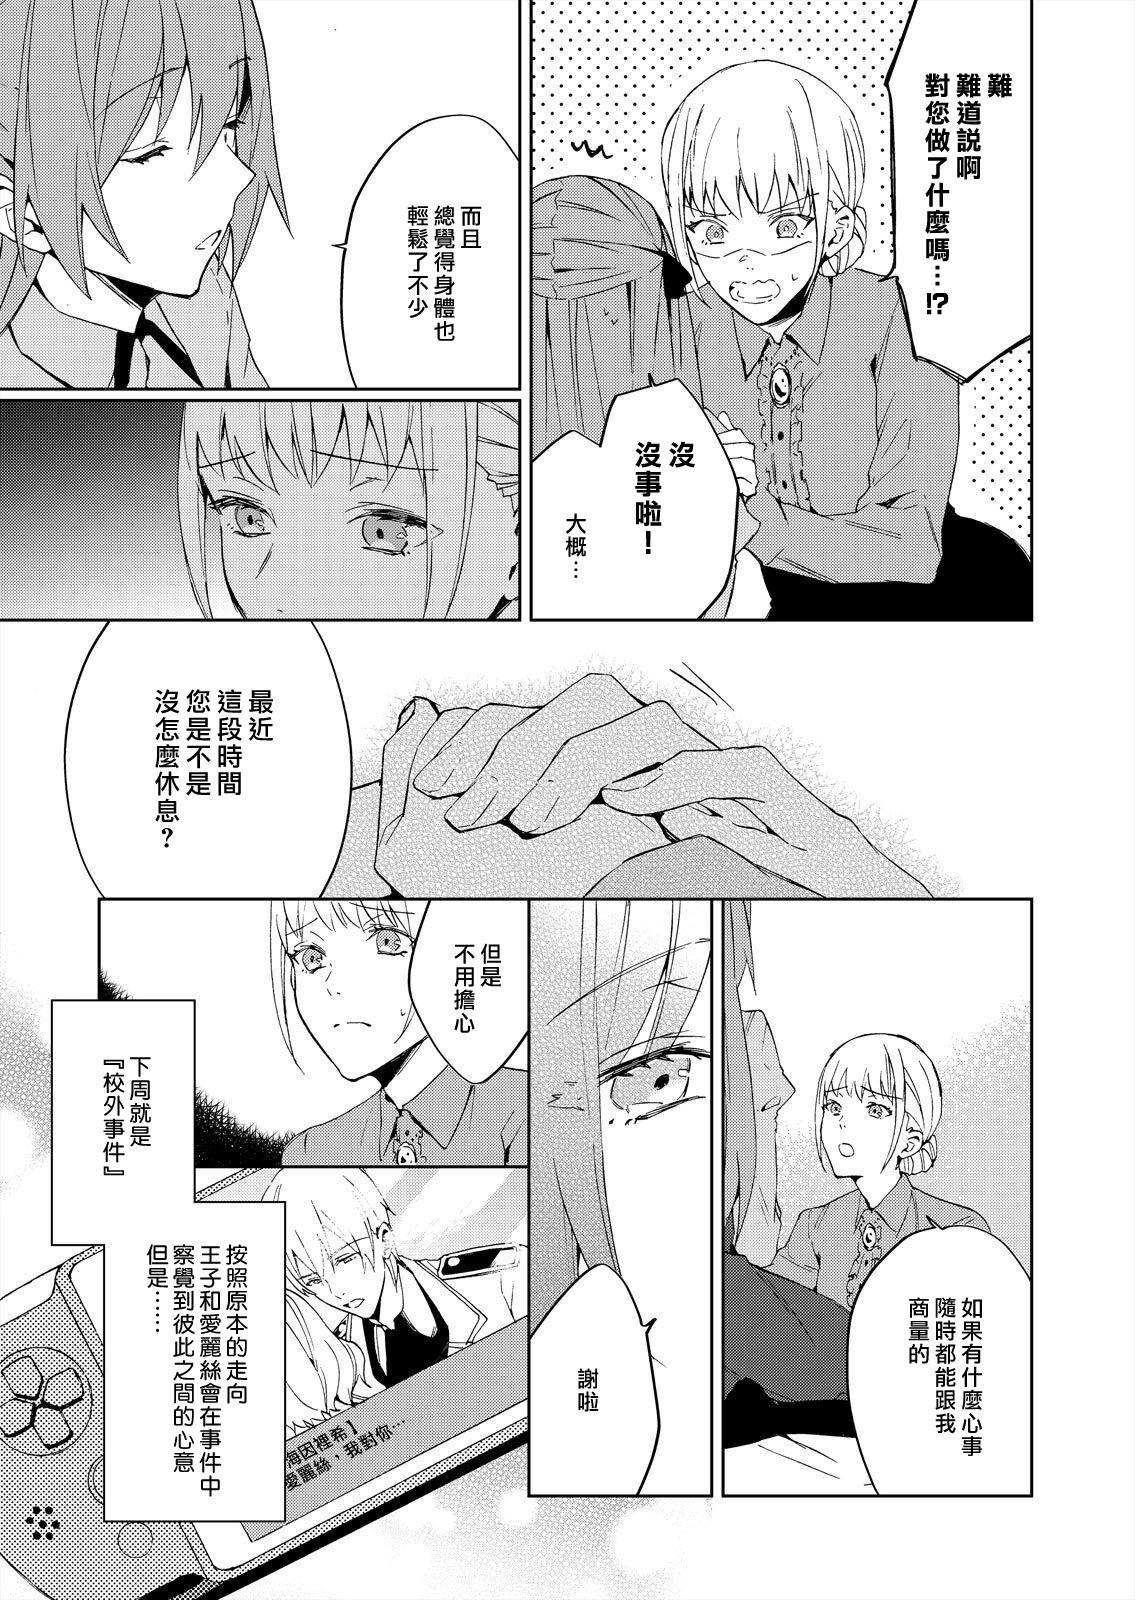 [Yuzushiwo] Akuyaku Reijou wa Ichizu ni Dekiai sarete ~Noumitsu Sex no Aite wa Juuboku~ | 被疯狂溺爱的反派大小姐~浓密性爱对象是仆从~ 1-5 [Chinese] [莉赛特汉化组] 40